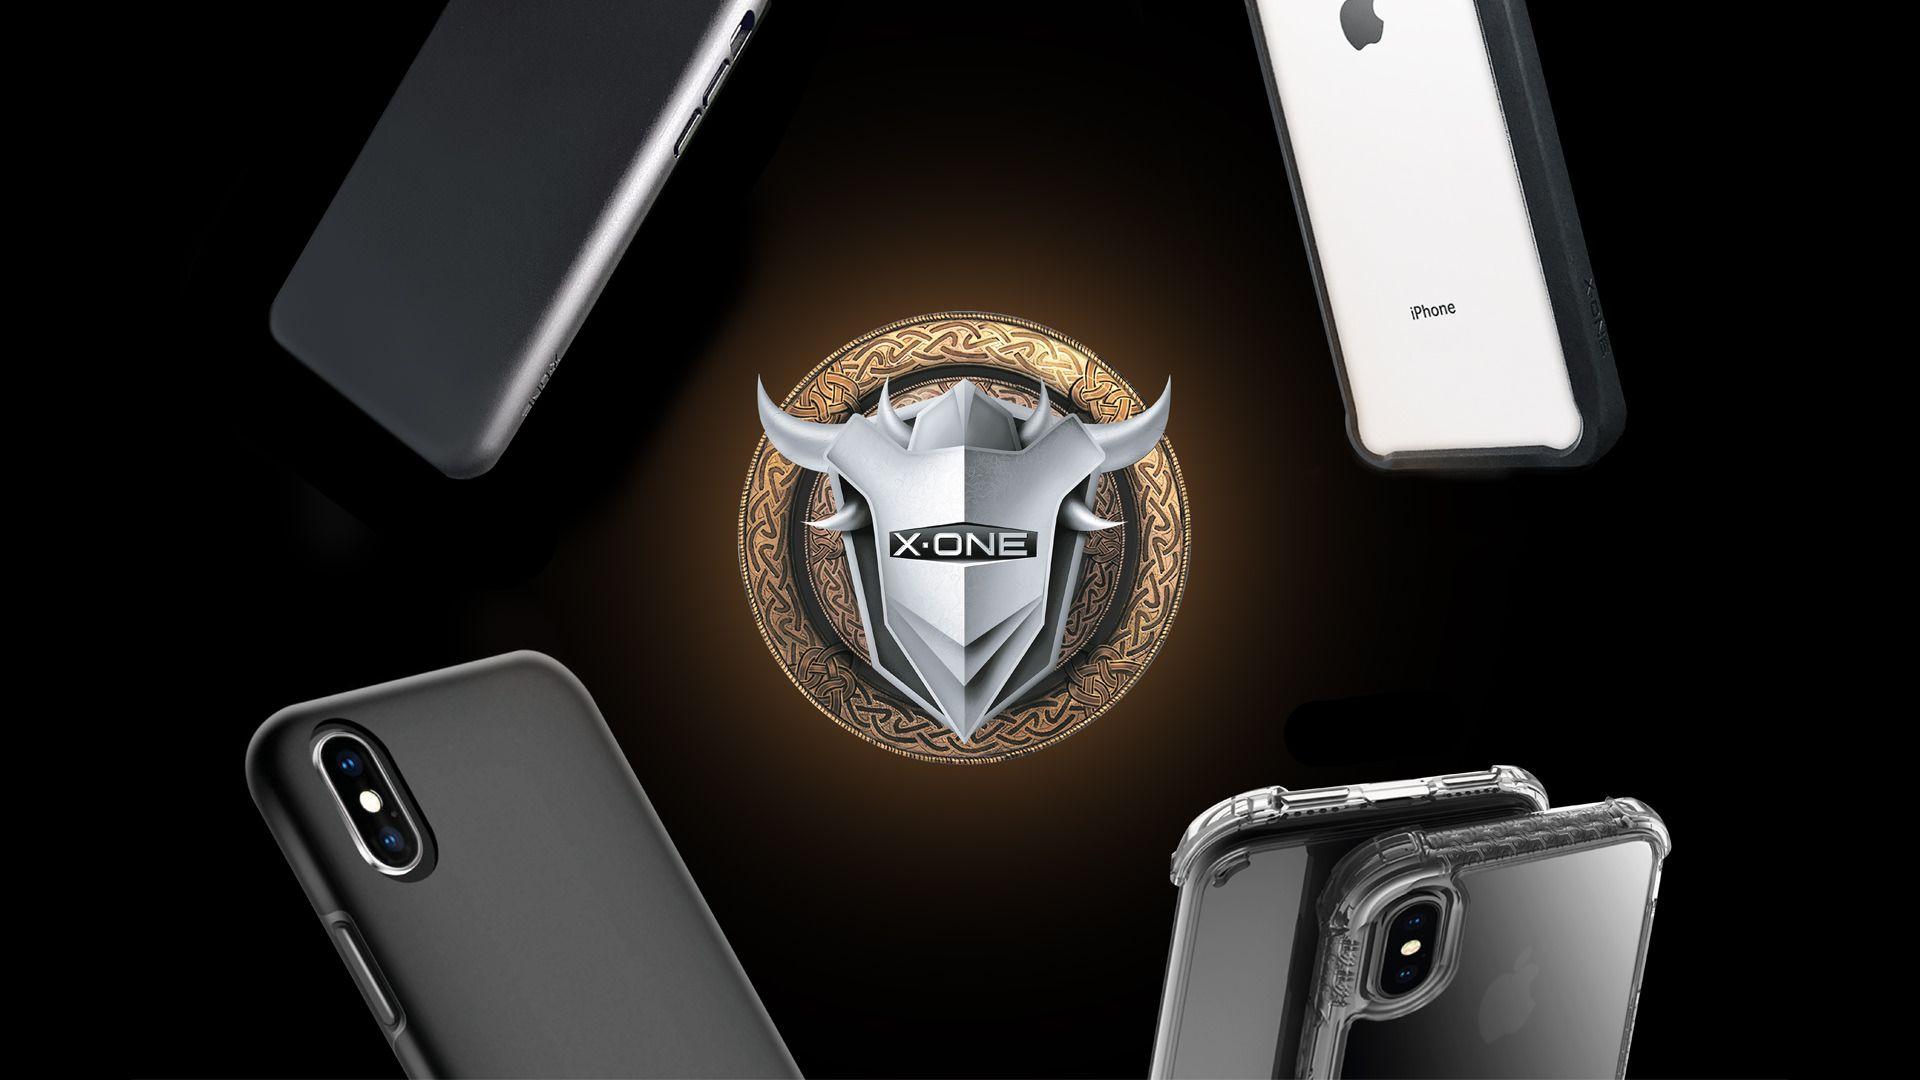 Все для долгой службы iPhone: аксессуары X-ONE